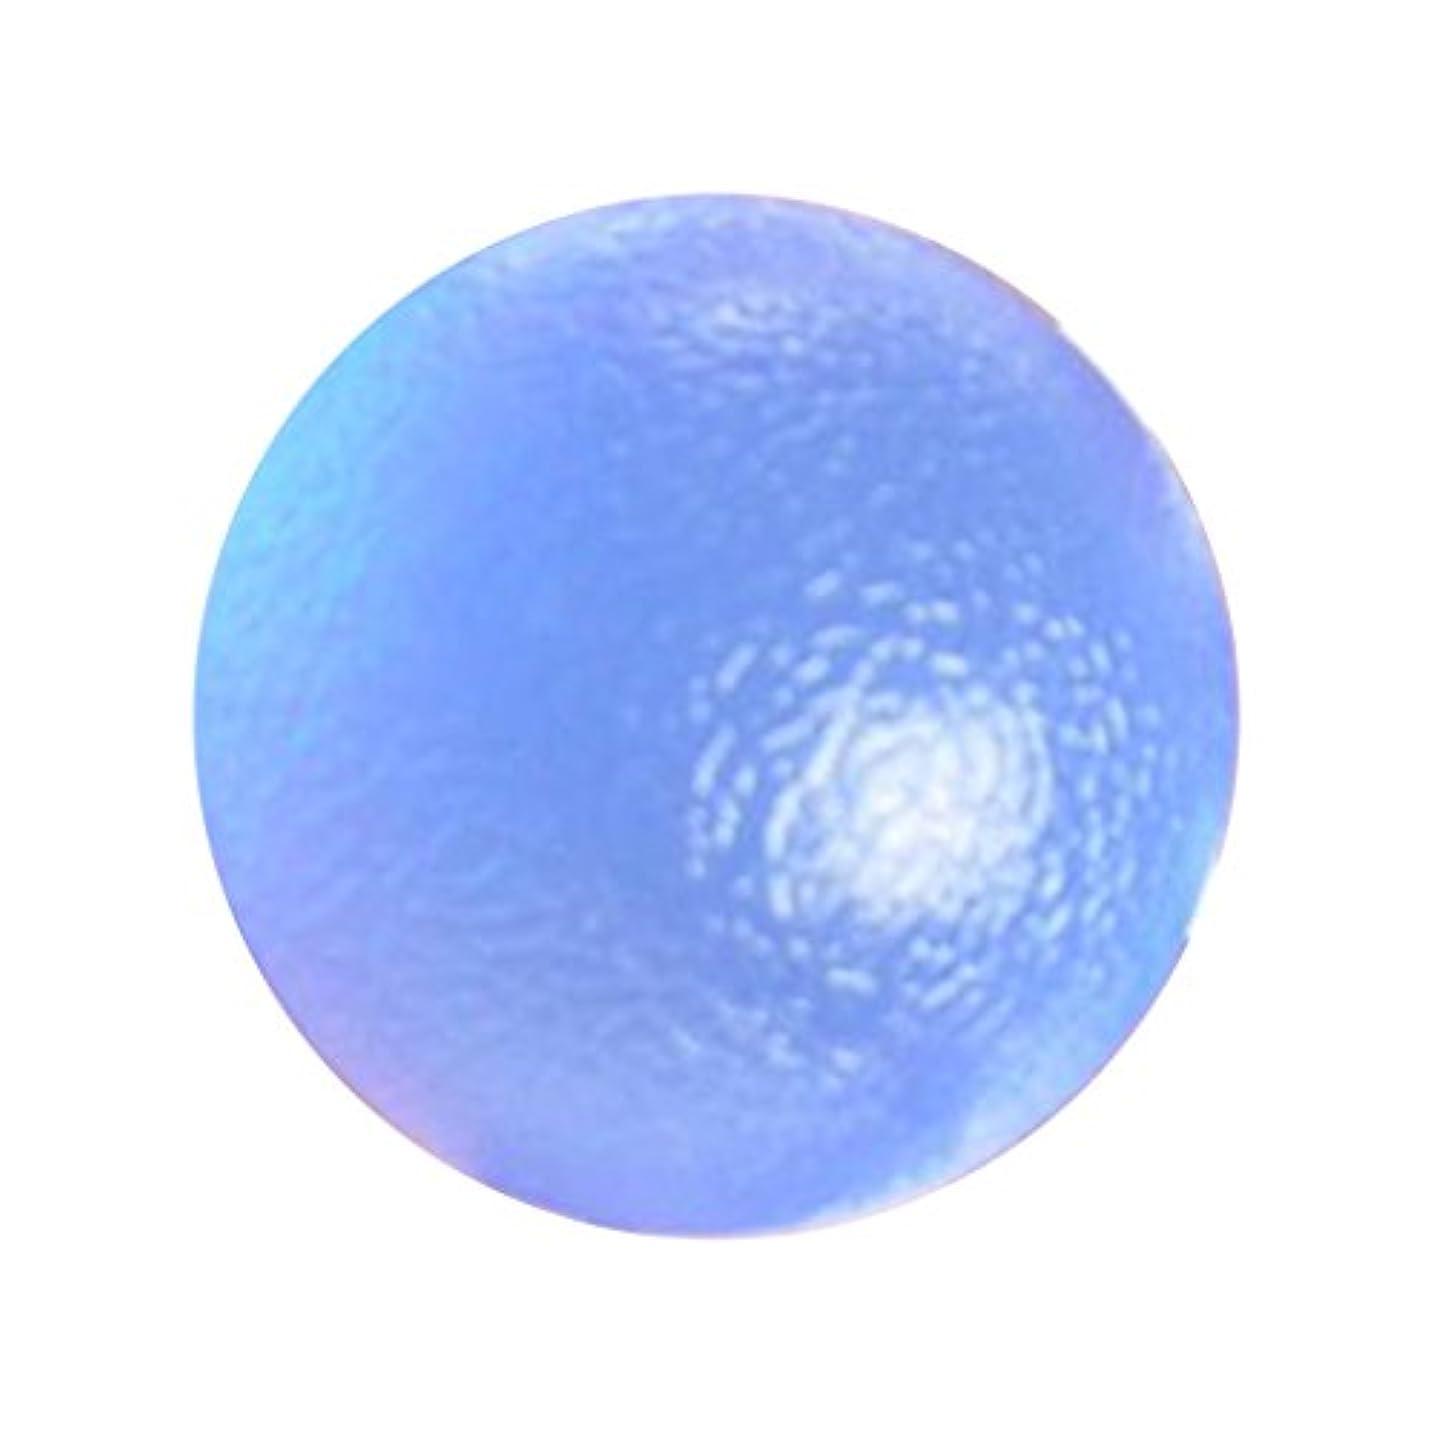 かなり医薬品チューリップグリップボール マッサージ ボール エクササイザ ポケットサイズ TPR 運動 便利 3タイプ選べ - ブルーハード, 説明したように